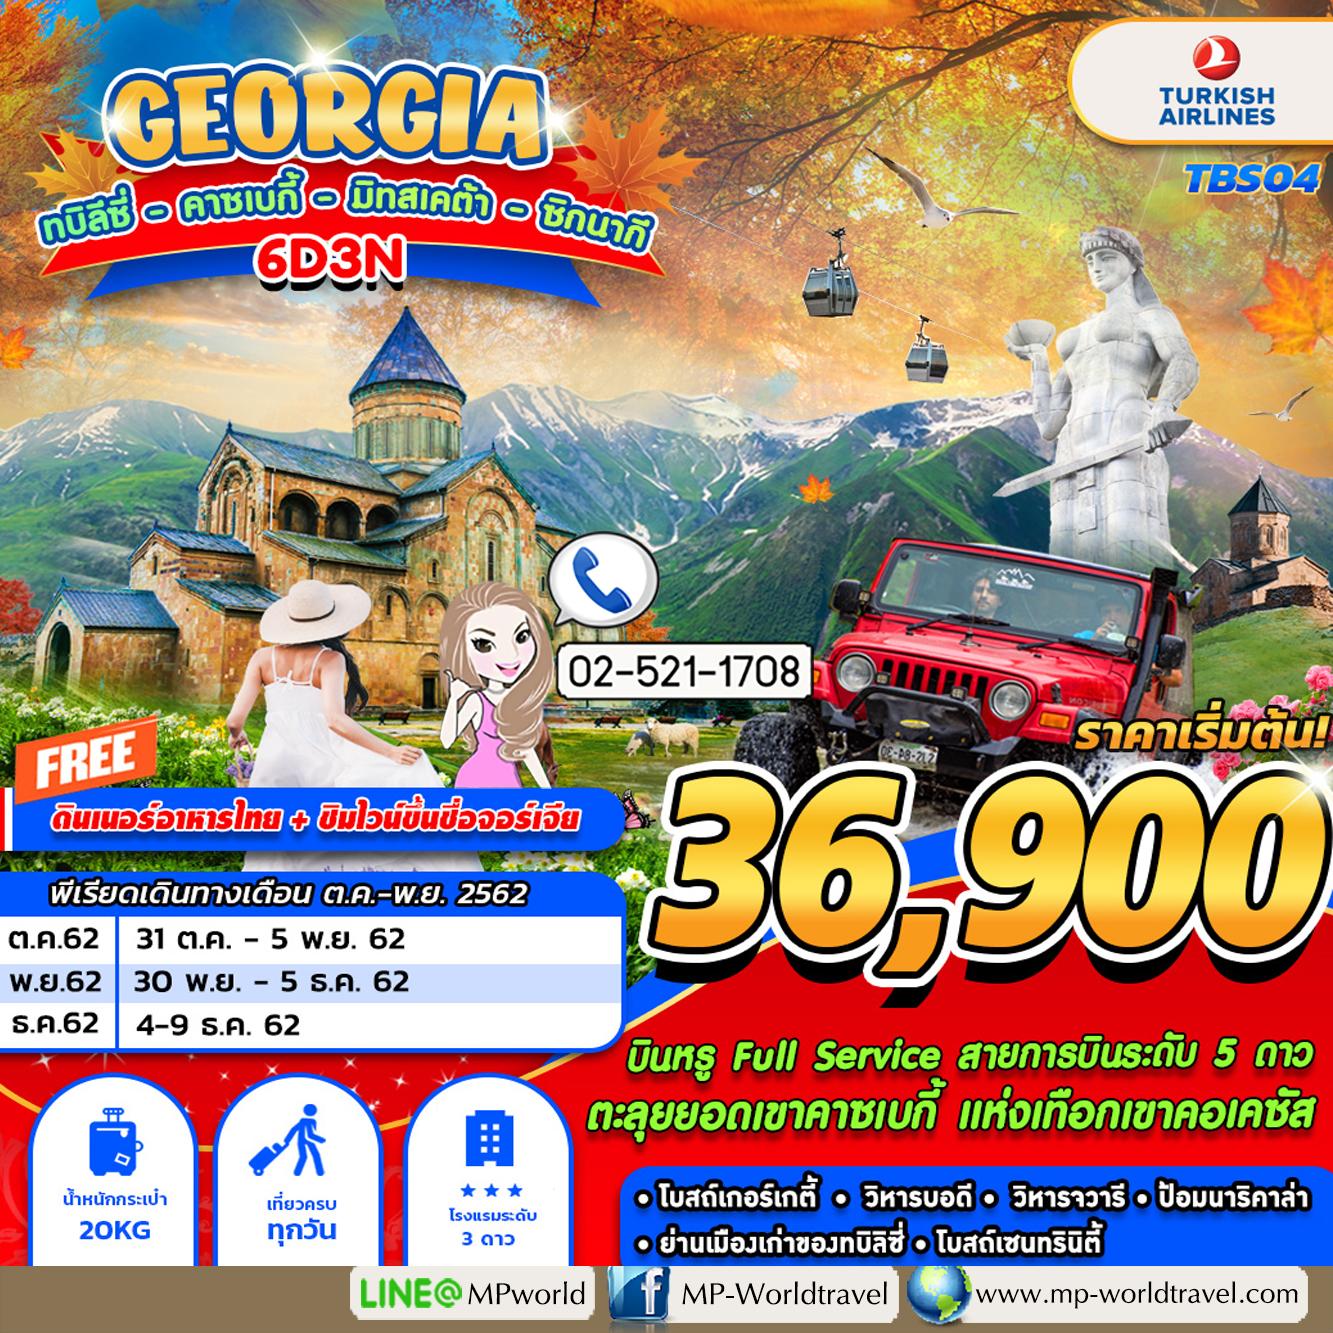 TBS04 GEORGIA ทบิลิซี่ คาซเบกี้ - มิทสเตต้า - ซิกนากี 6D 3N TK